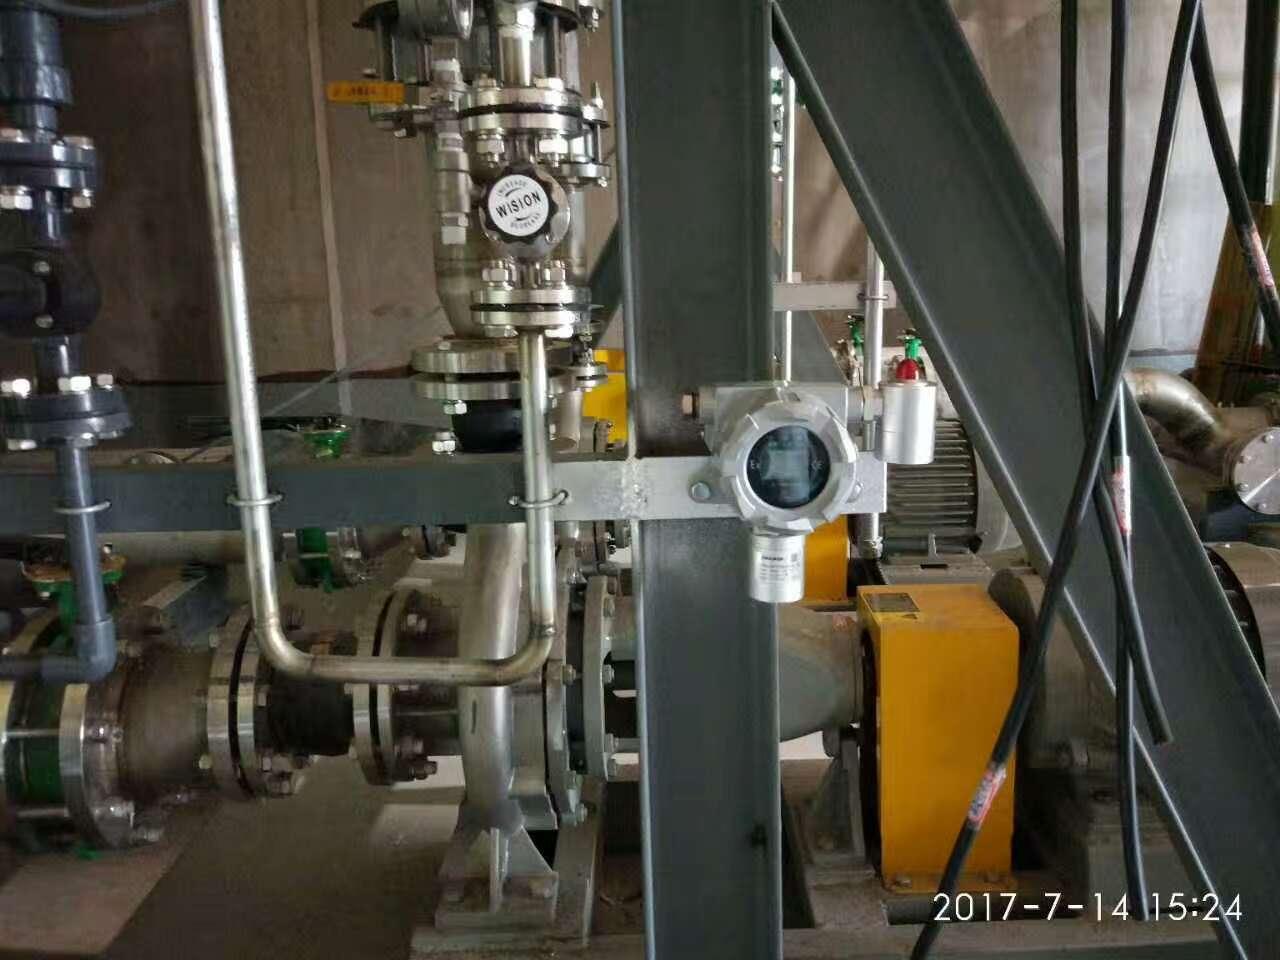 化工罐区碳酸乙烷检测仪防爆型碳酸乙烷气体报警装置超标预警碳酸乙烷检测仪2019款